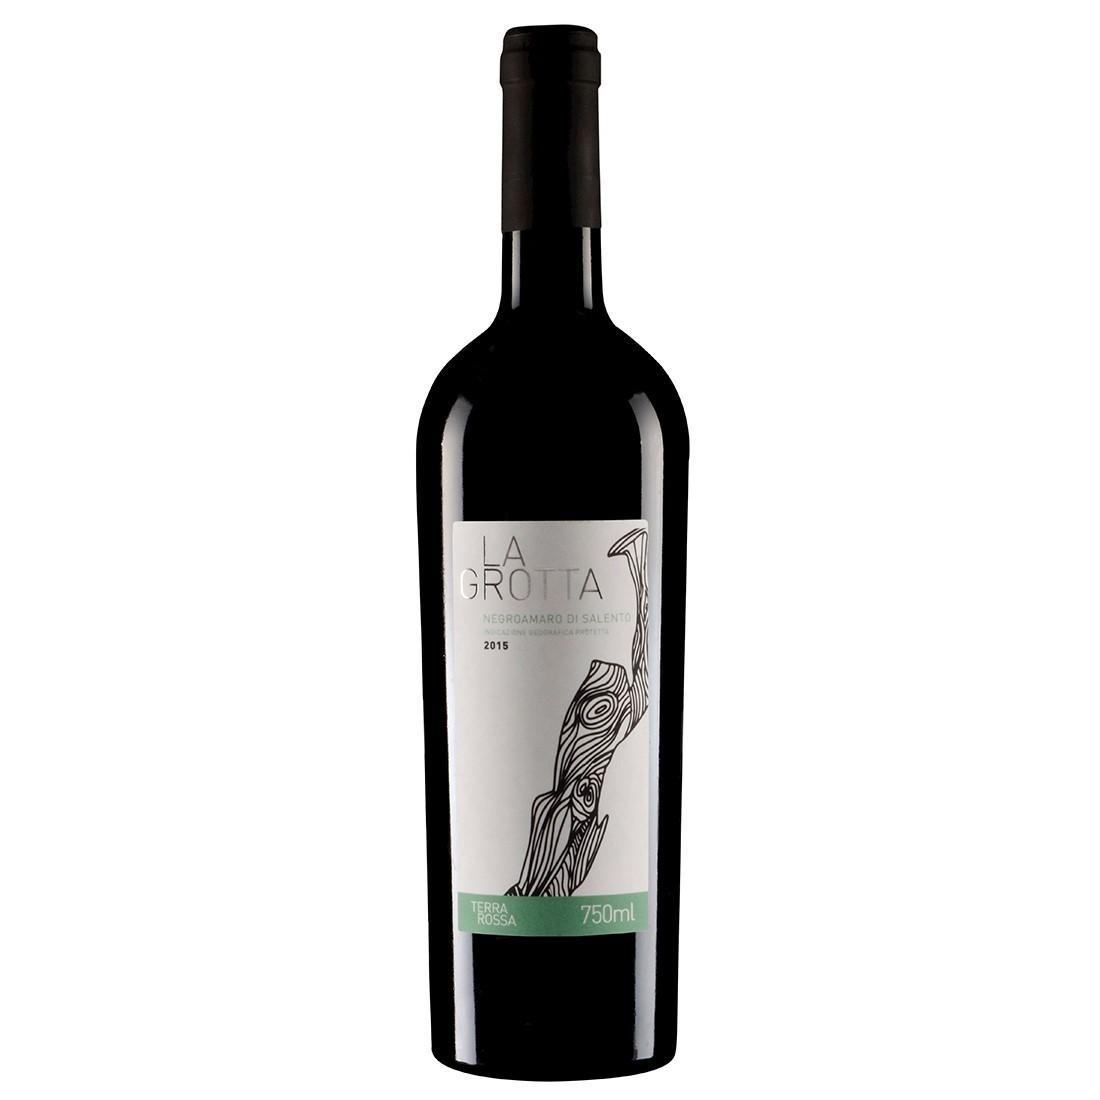 Vinho Italiano La Grotta Negroamaro di Salento IGP 2015 (750ml)